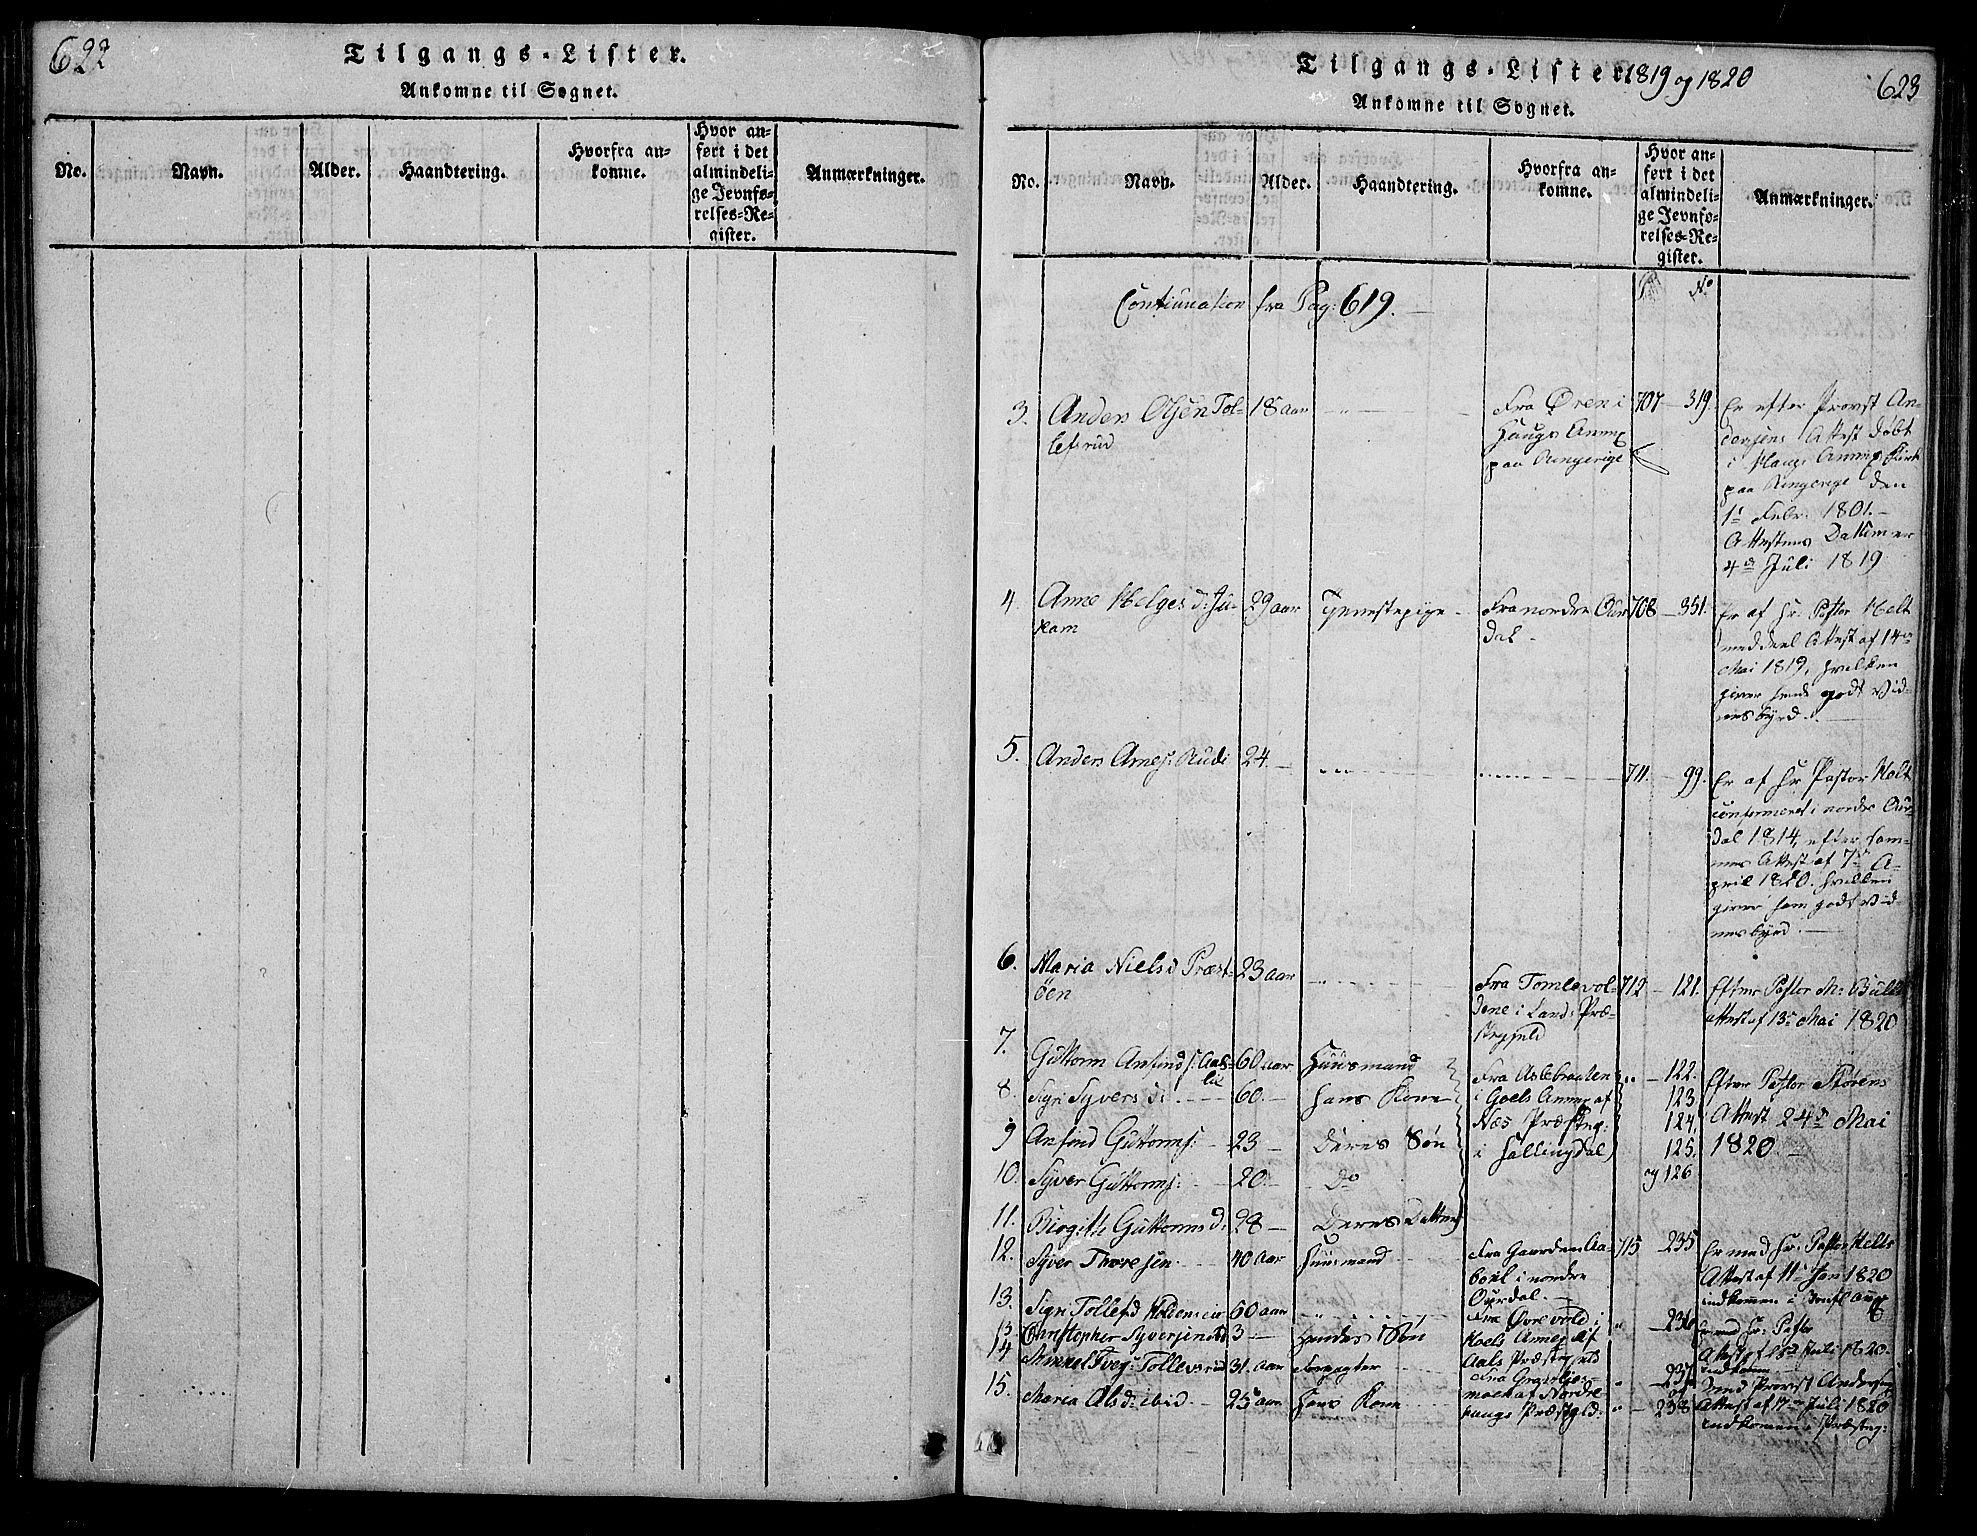 SAH, Sør-Aurdal prestekontor, Klokkerbok nr. 1, 1815-1826, s. 622-623